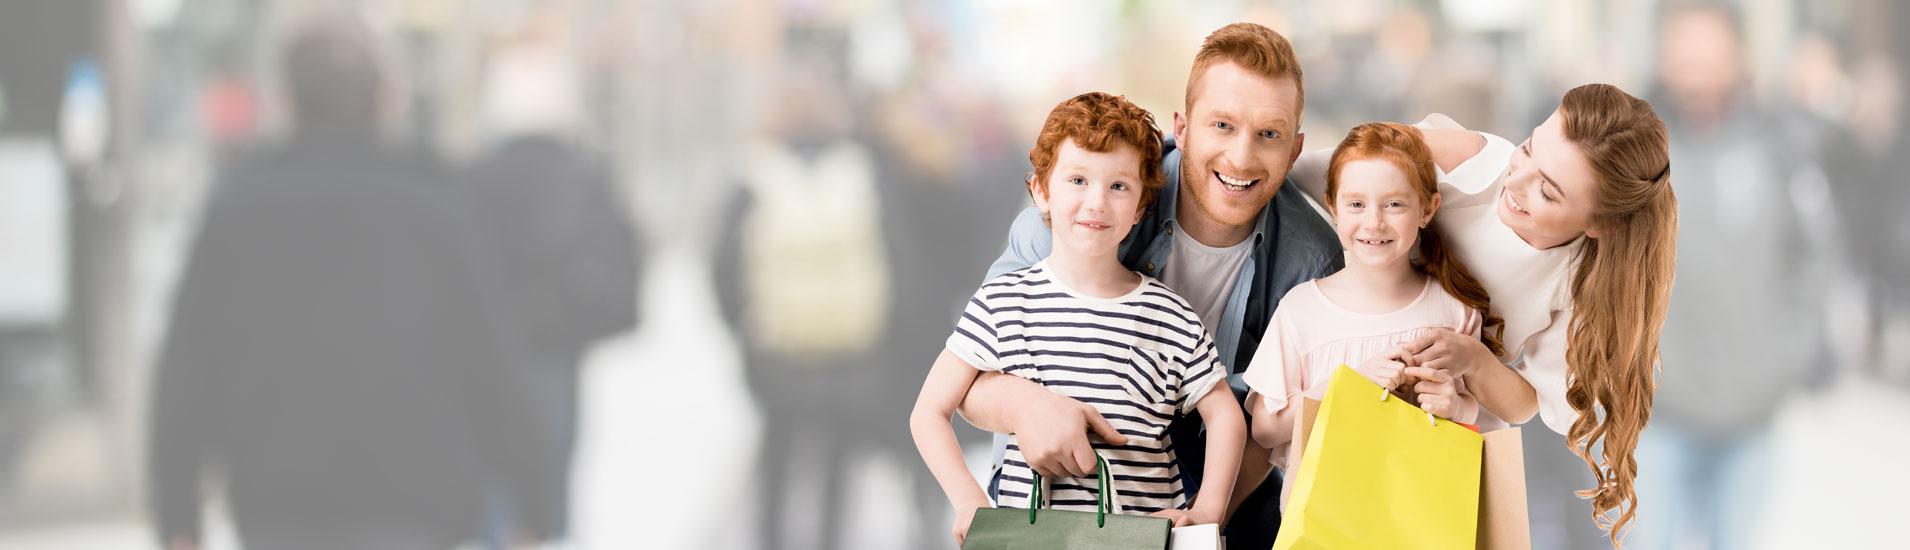 HTG - Komfort für Familien